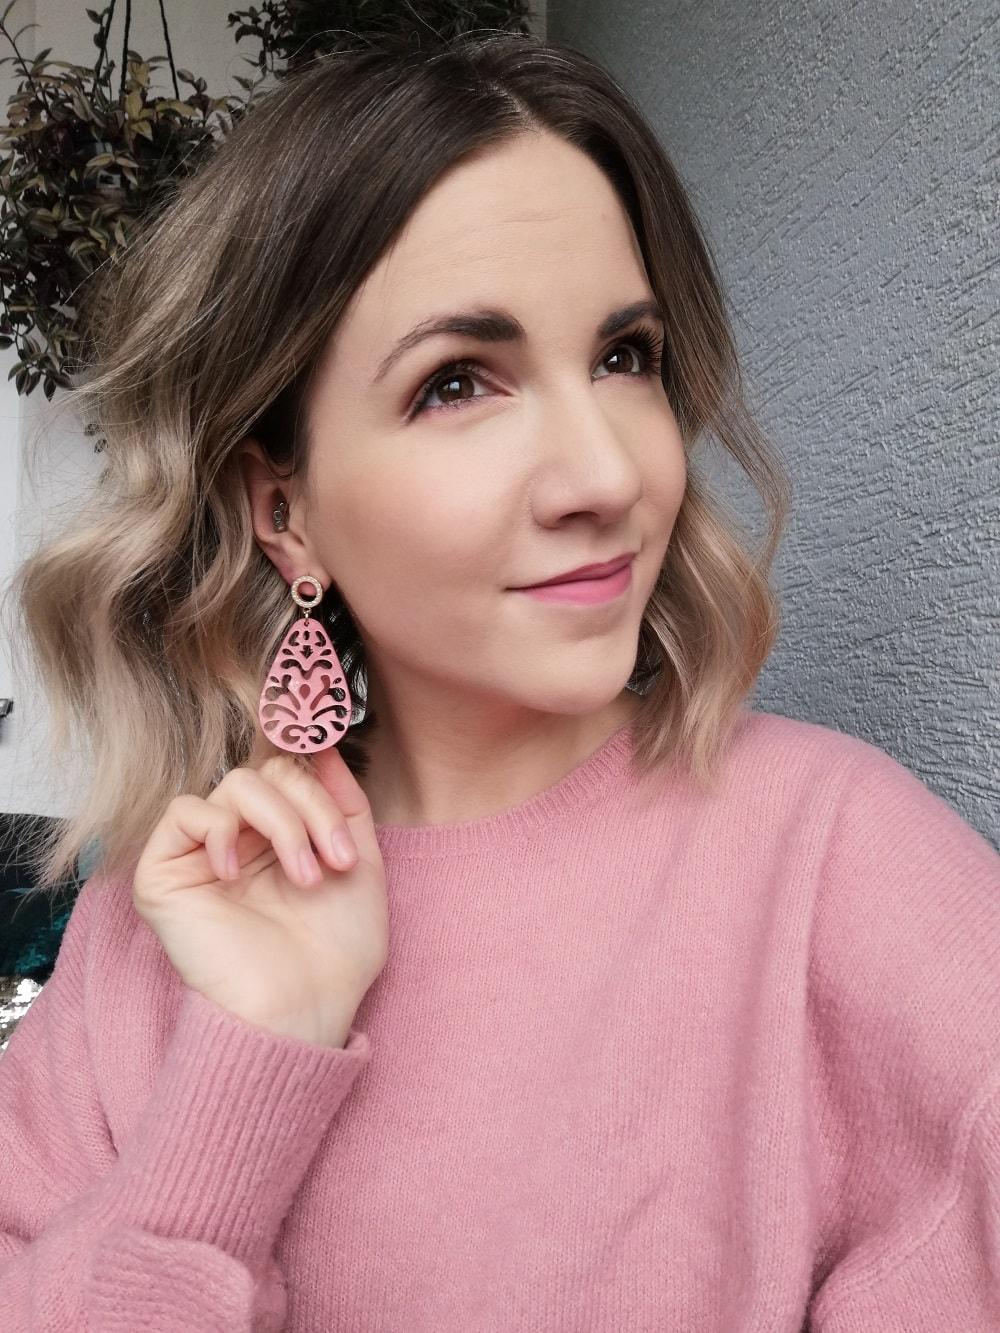 die Designerin von Heartwork aus Klagenfurt Verena Meleschnig präsentiert einen handgemachten Ohrring in der Farbe Rosa mit Ornamentmuster und einem goldenen Verschluss mit Strasssteinen